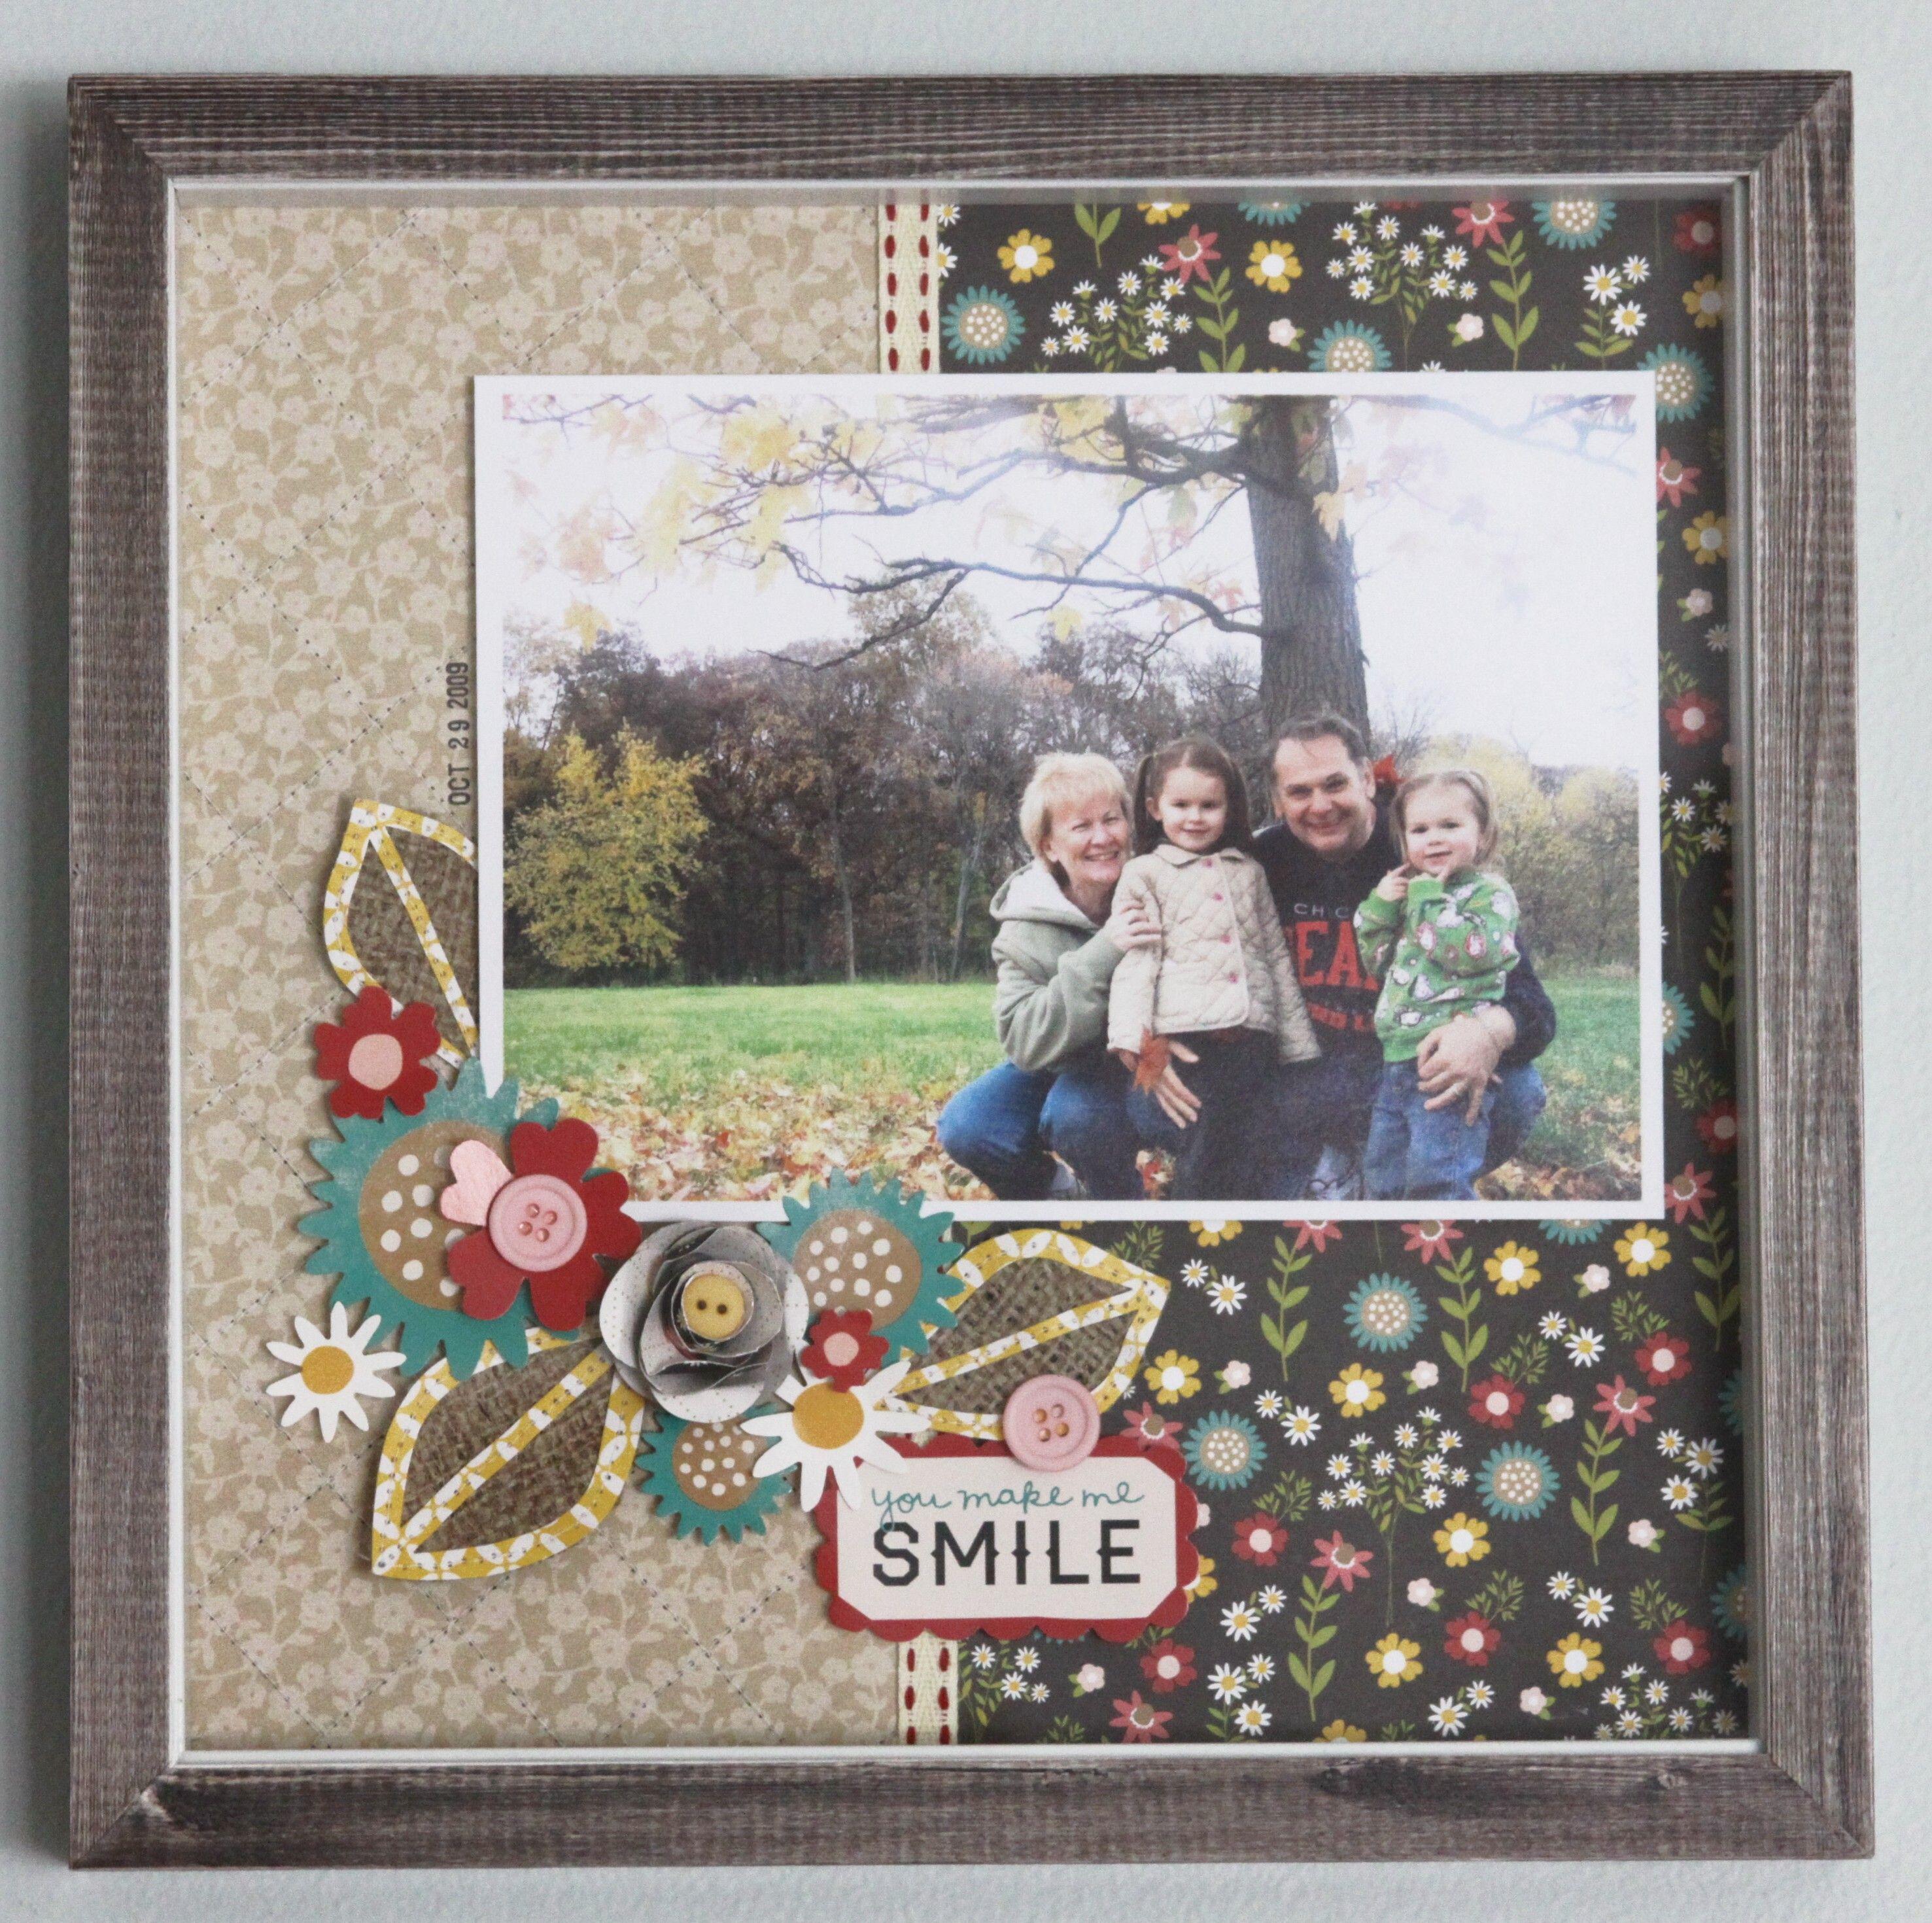 You Make Me Smile Scrapbook Frame